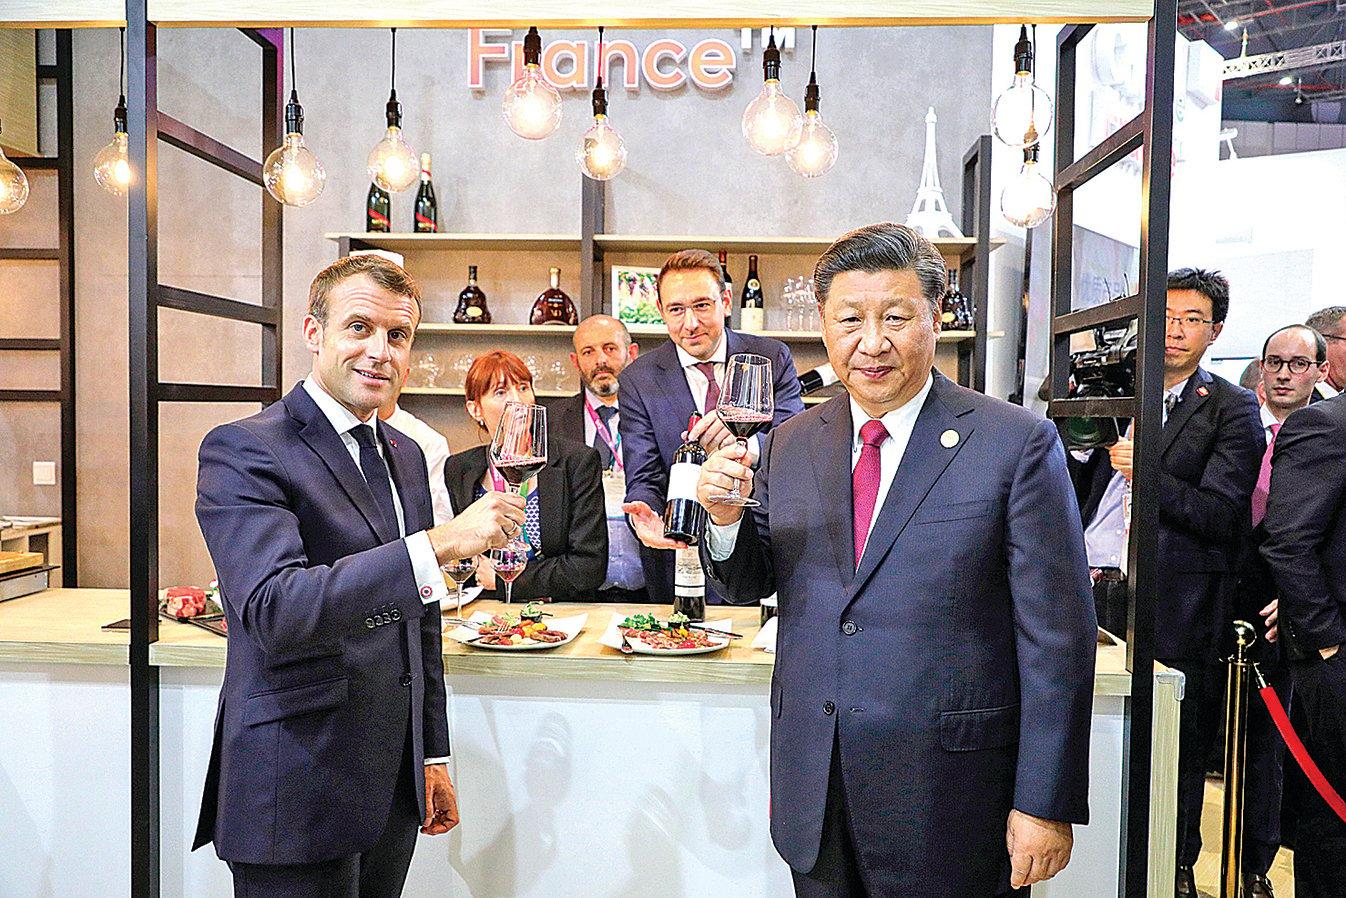 11月5日,第二屆進博會,習近平與馬克龍(左)在進博會法國展位旁,共同品嚐葡萄酒。(AFP)